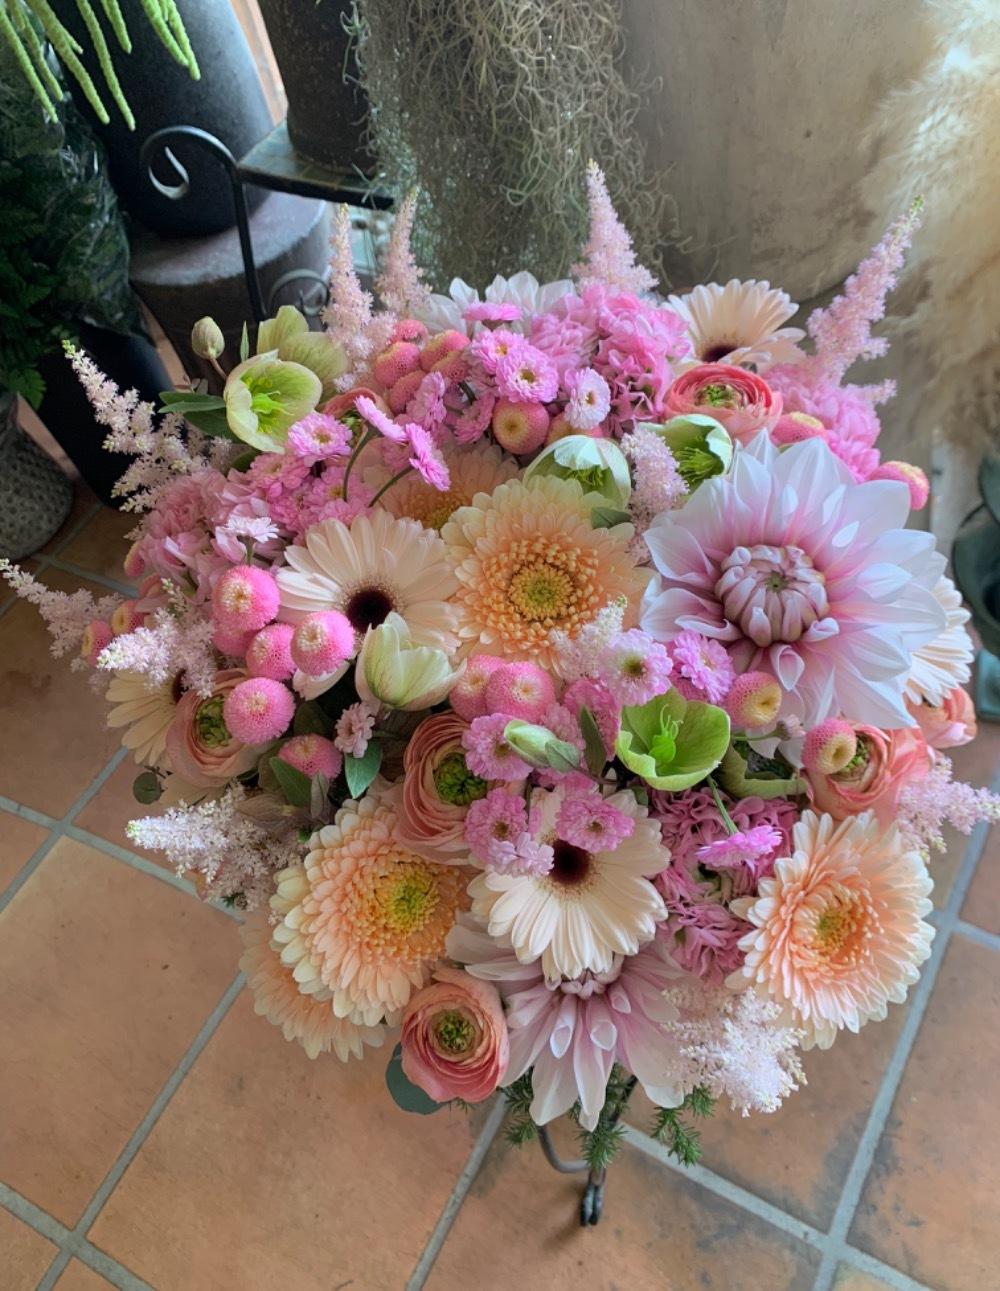 「優しいお人柄の方へ」優しいピンクが印象的な開院祝い花